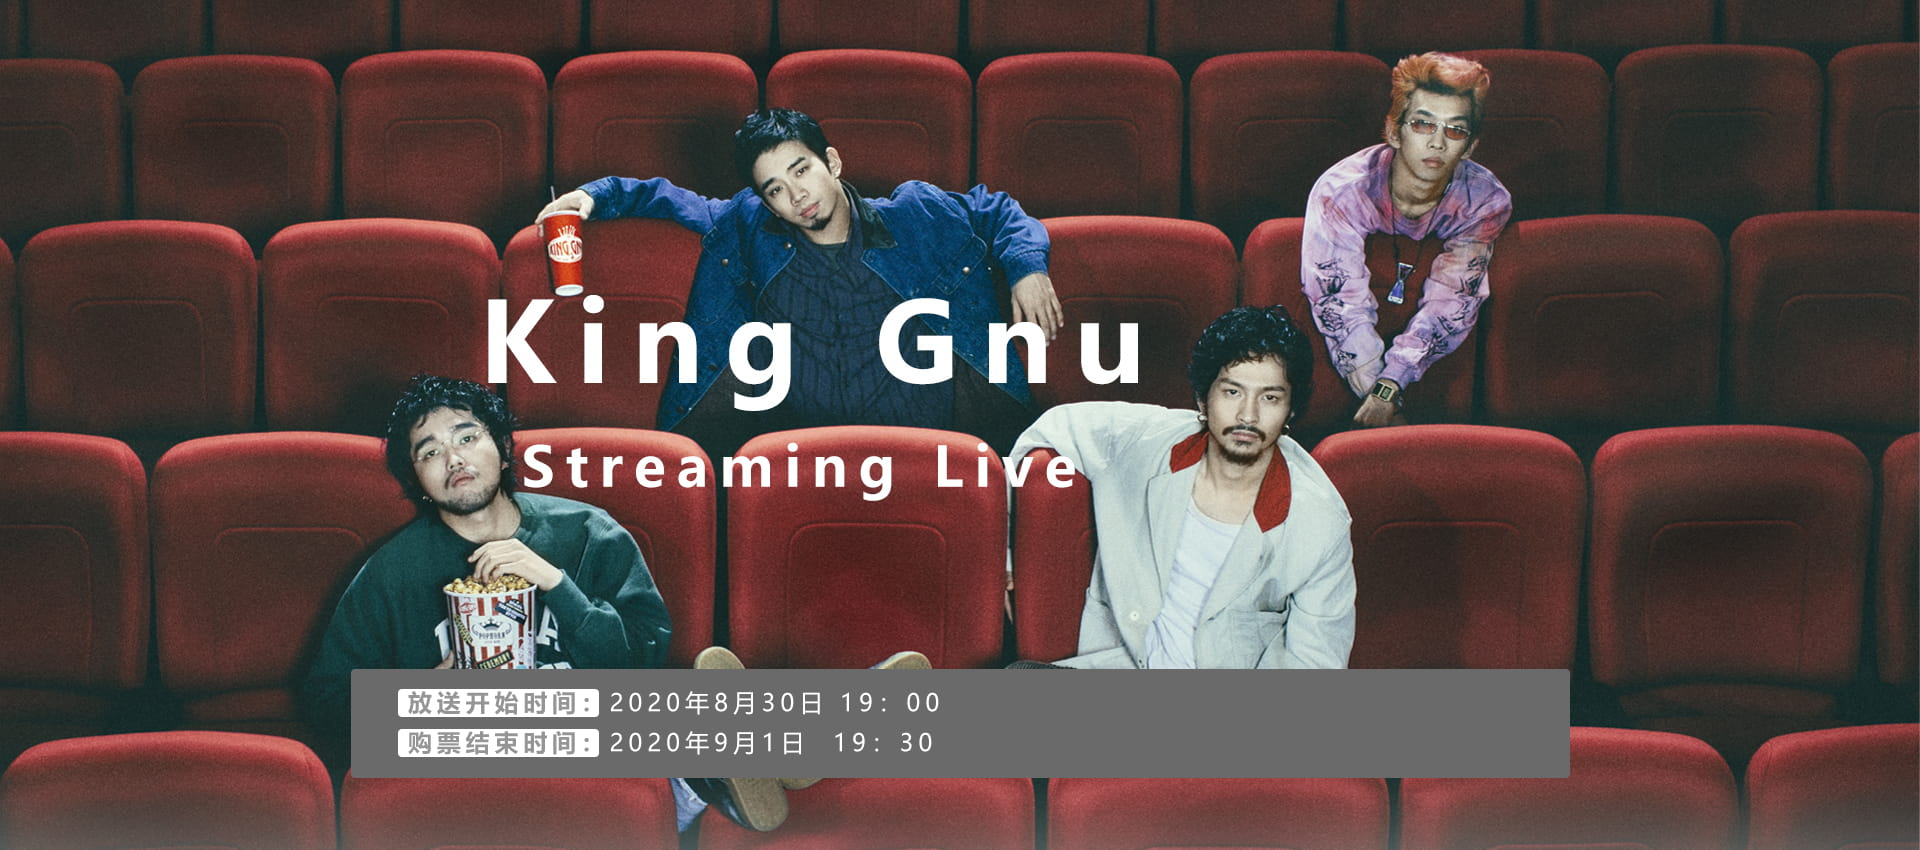 Live king gnu streaming